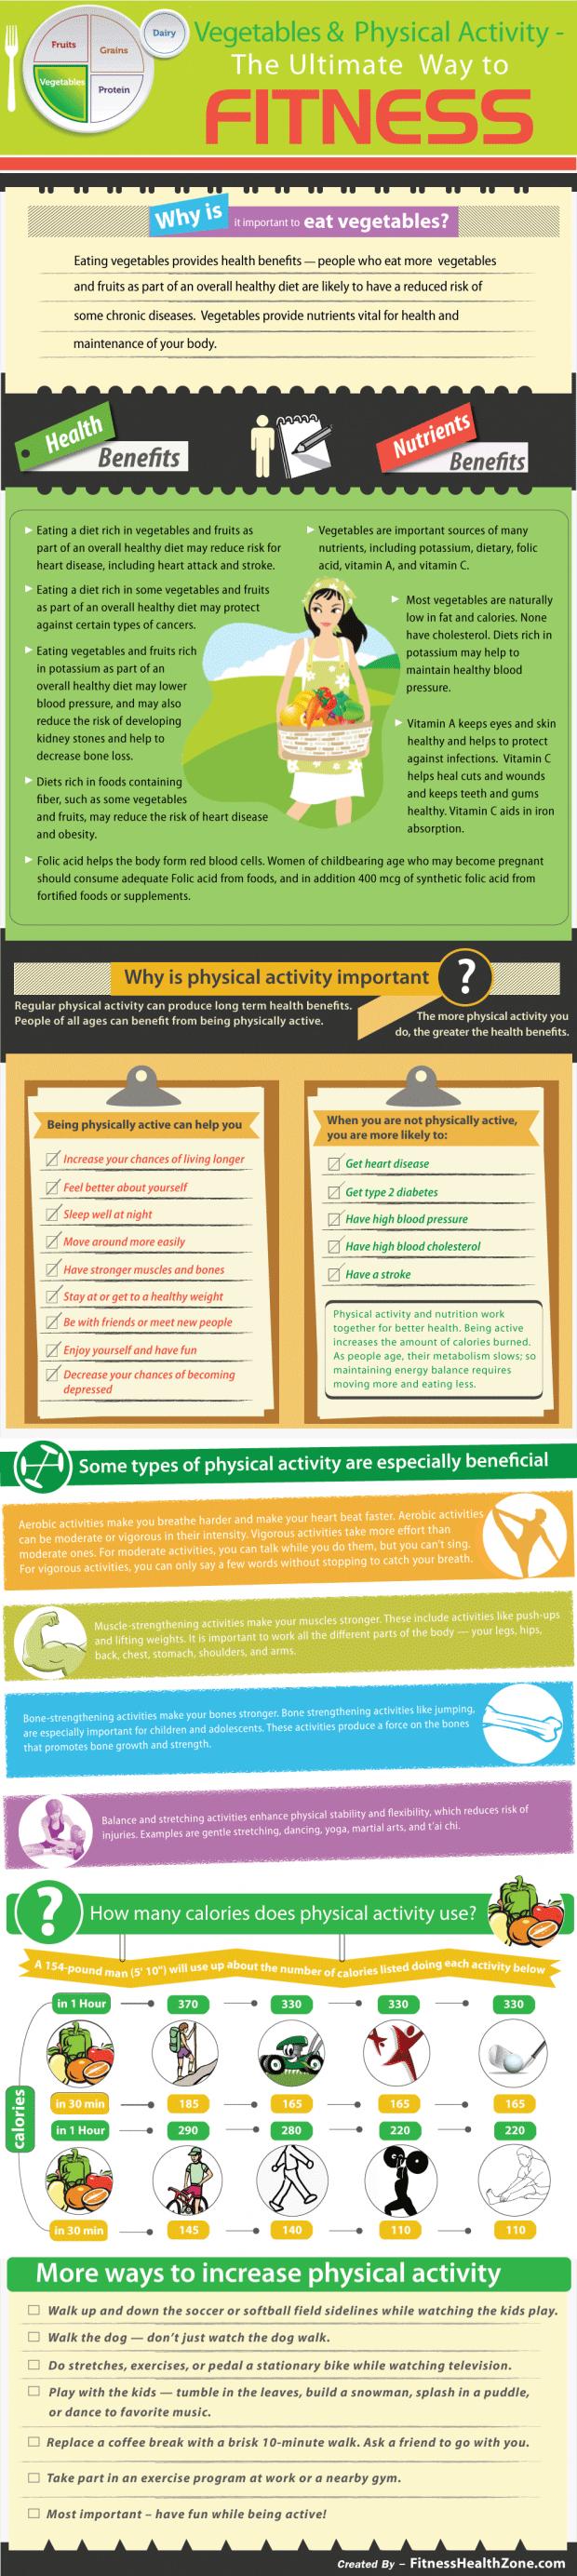 Infographic De ultieme manier om te fitnessen